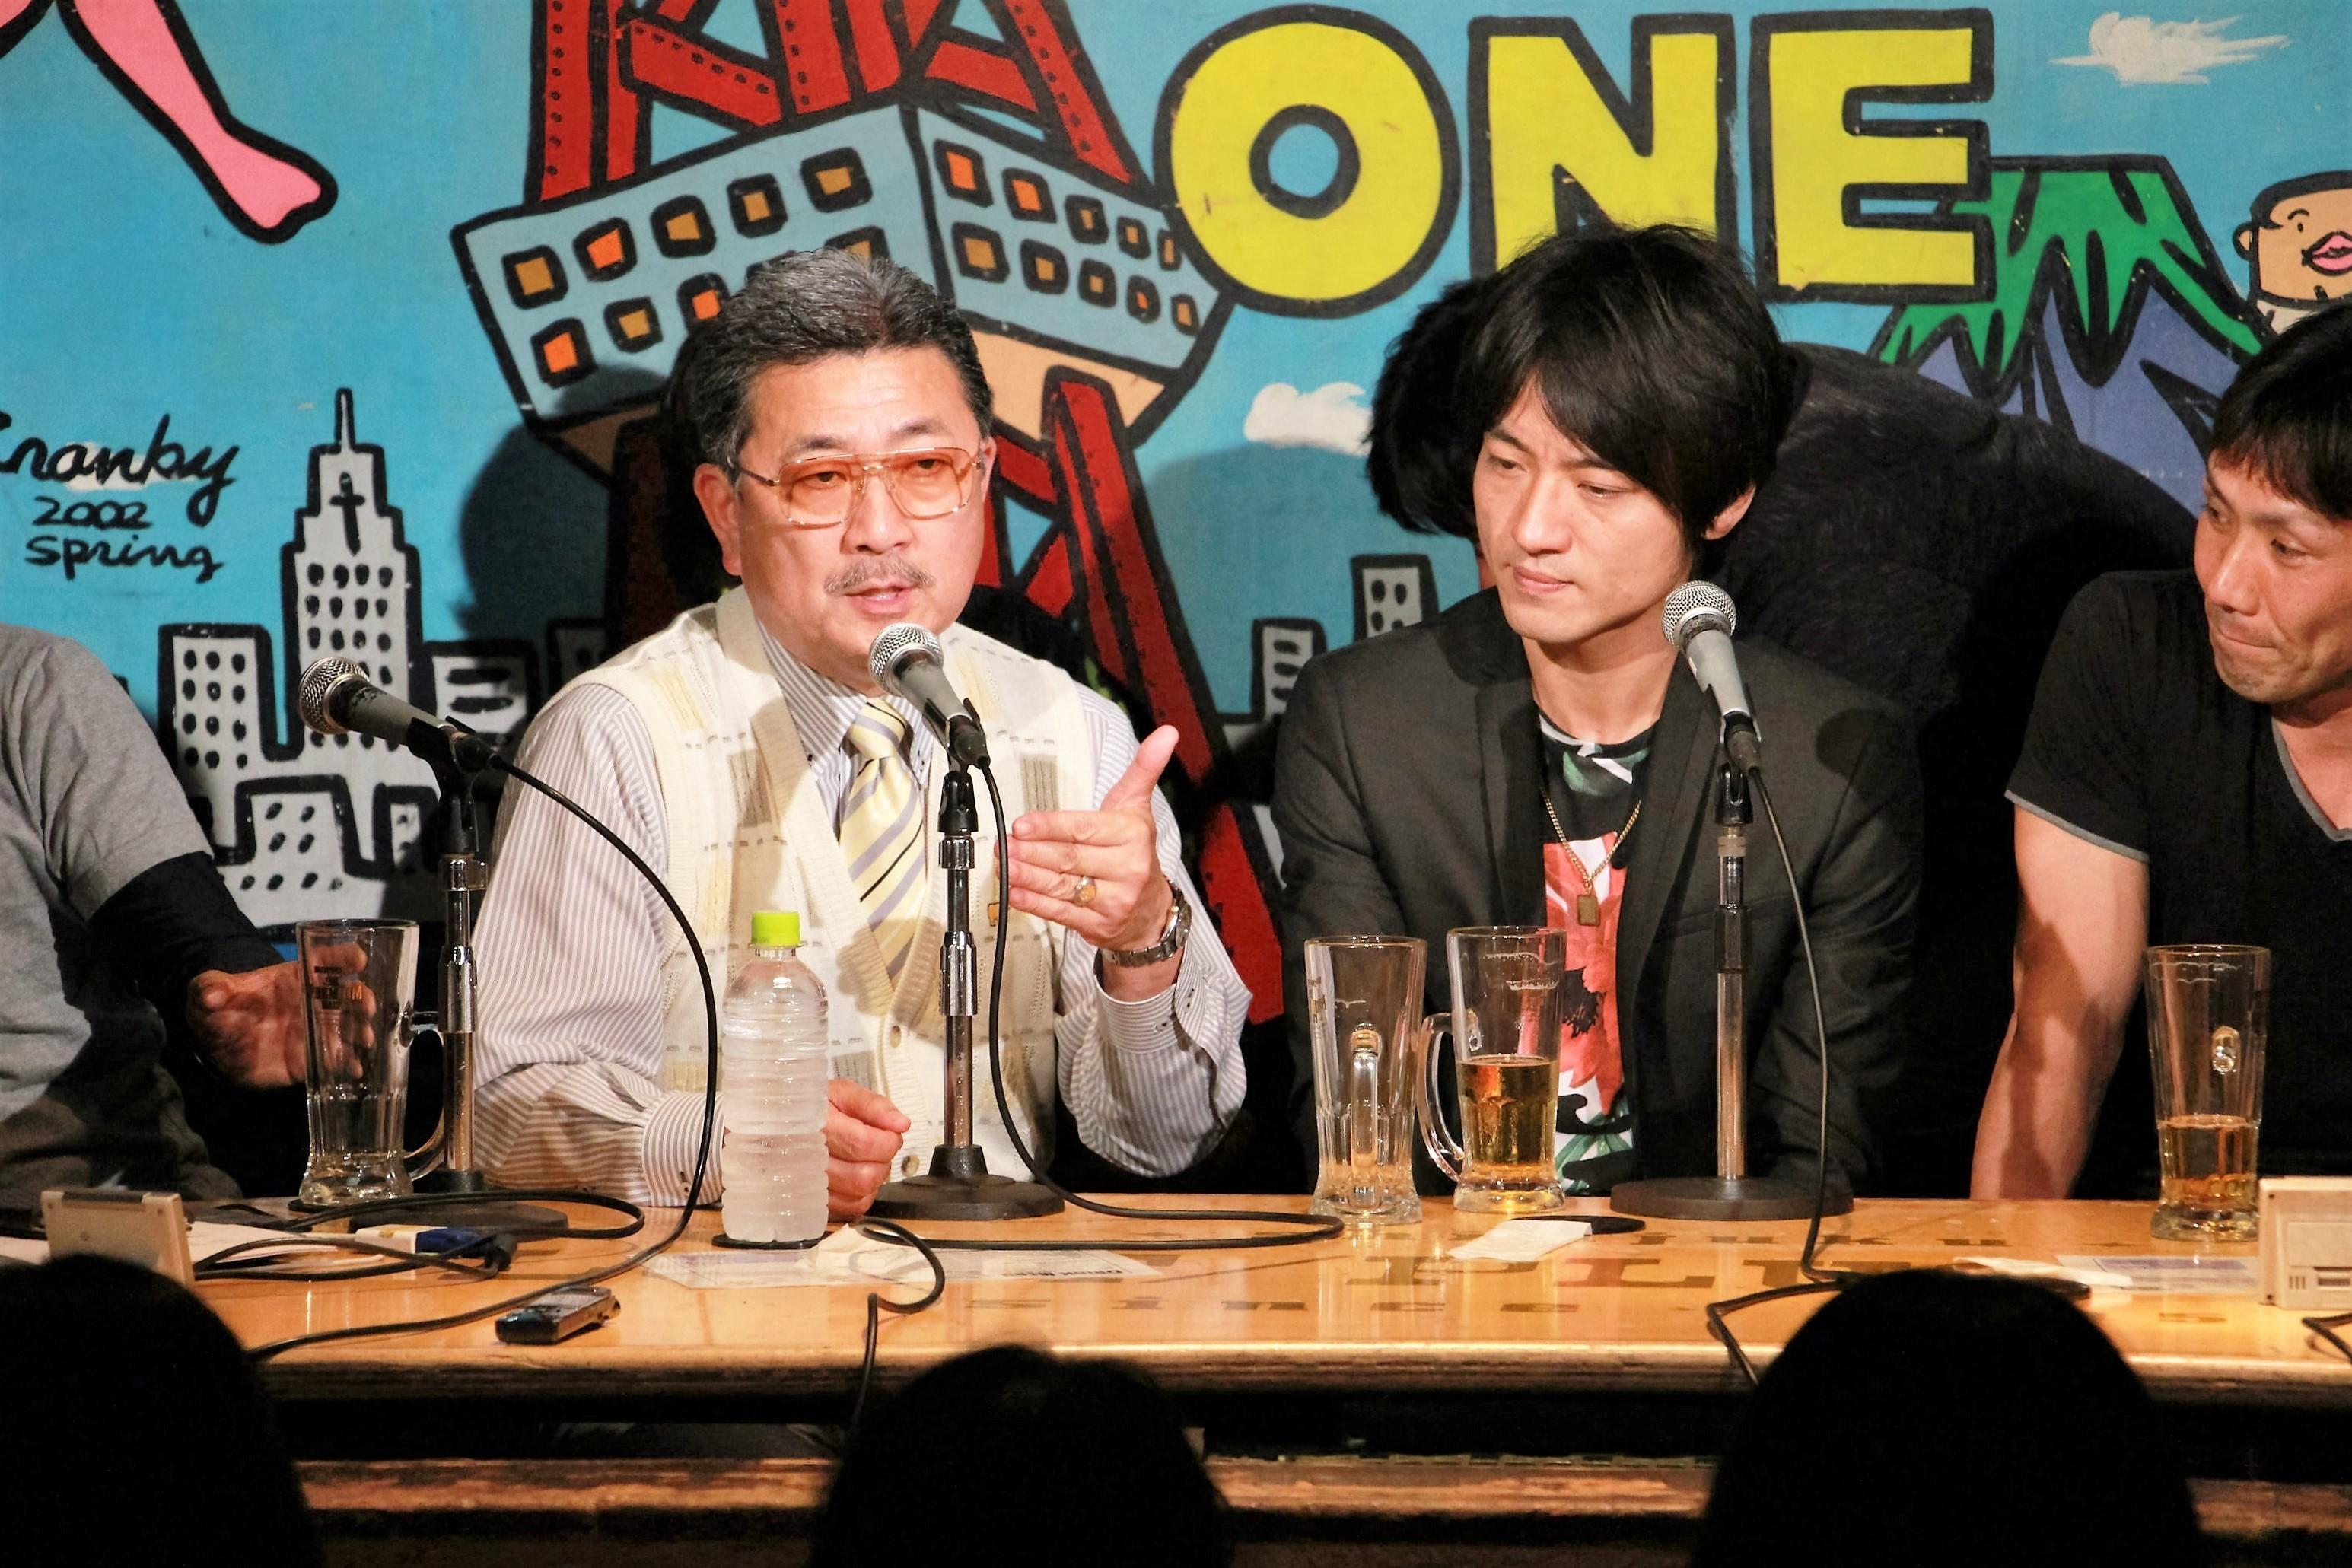 高瀨將嗣氏は労災問題改善のため、地道な活動を続けている